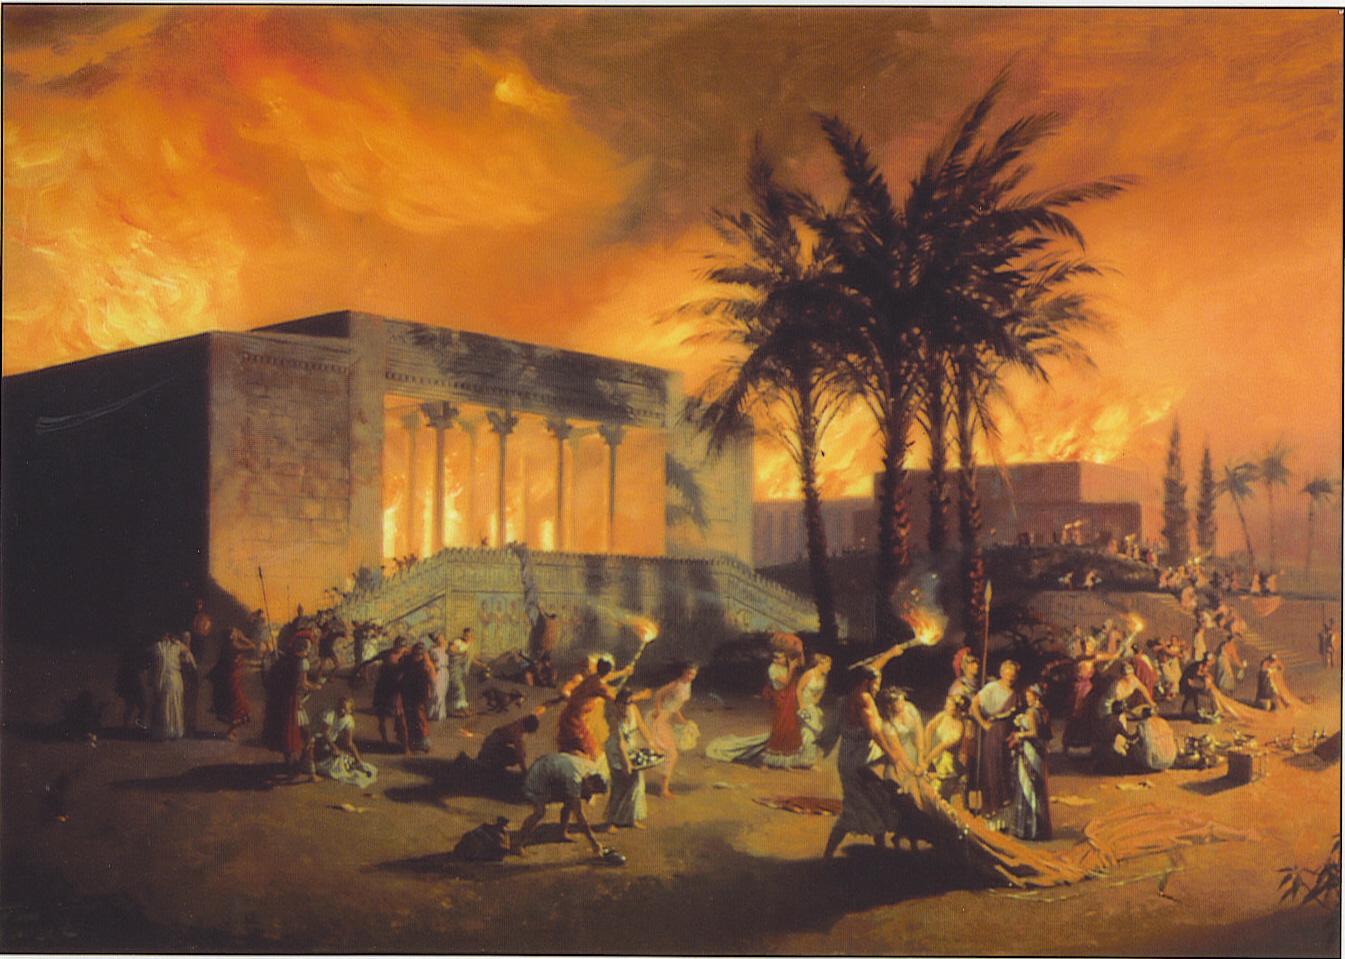 The Fall Of Troy Wallpaper Viajar Entre Viagens Pers 233 Polis Gl 243 Ria E Queda De Um